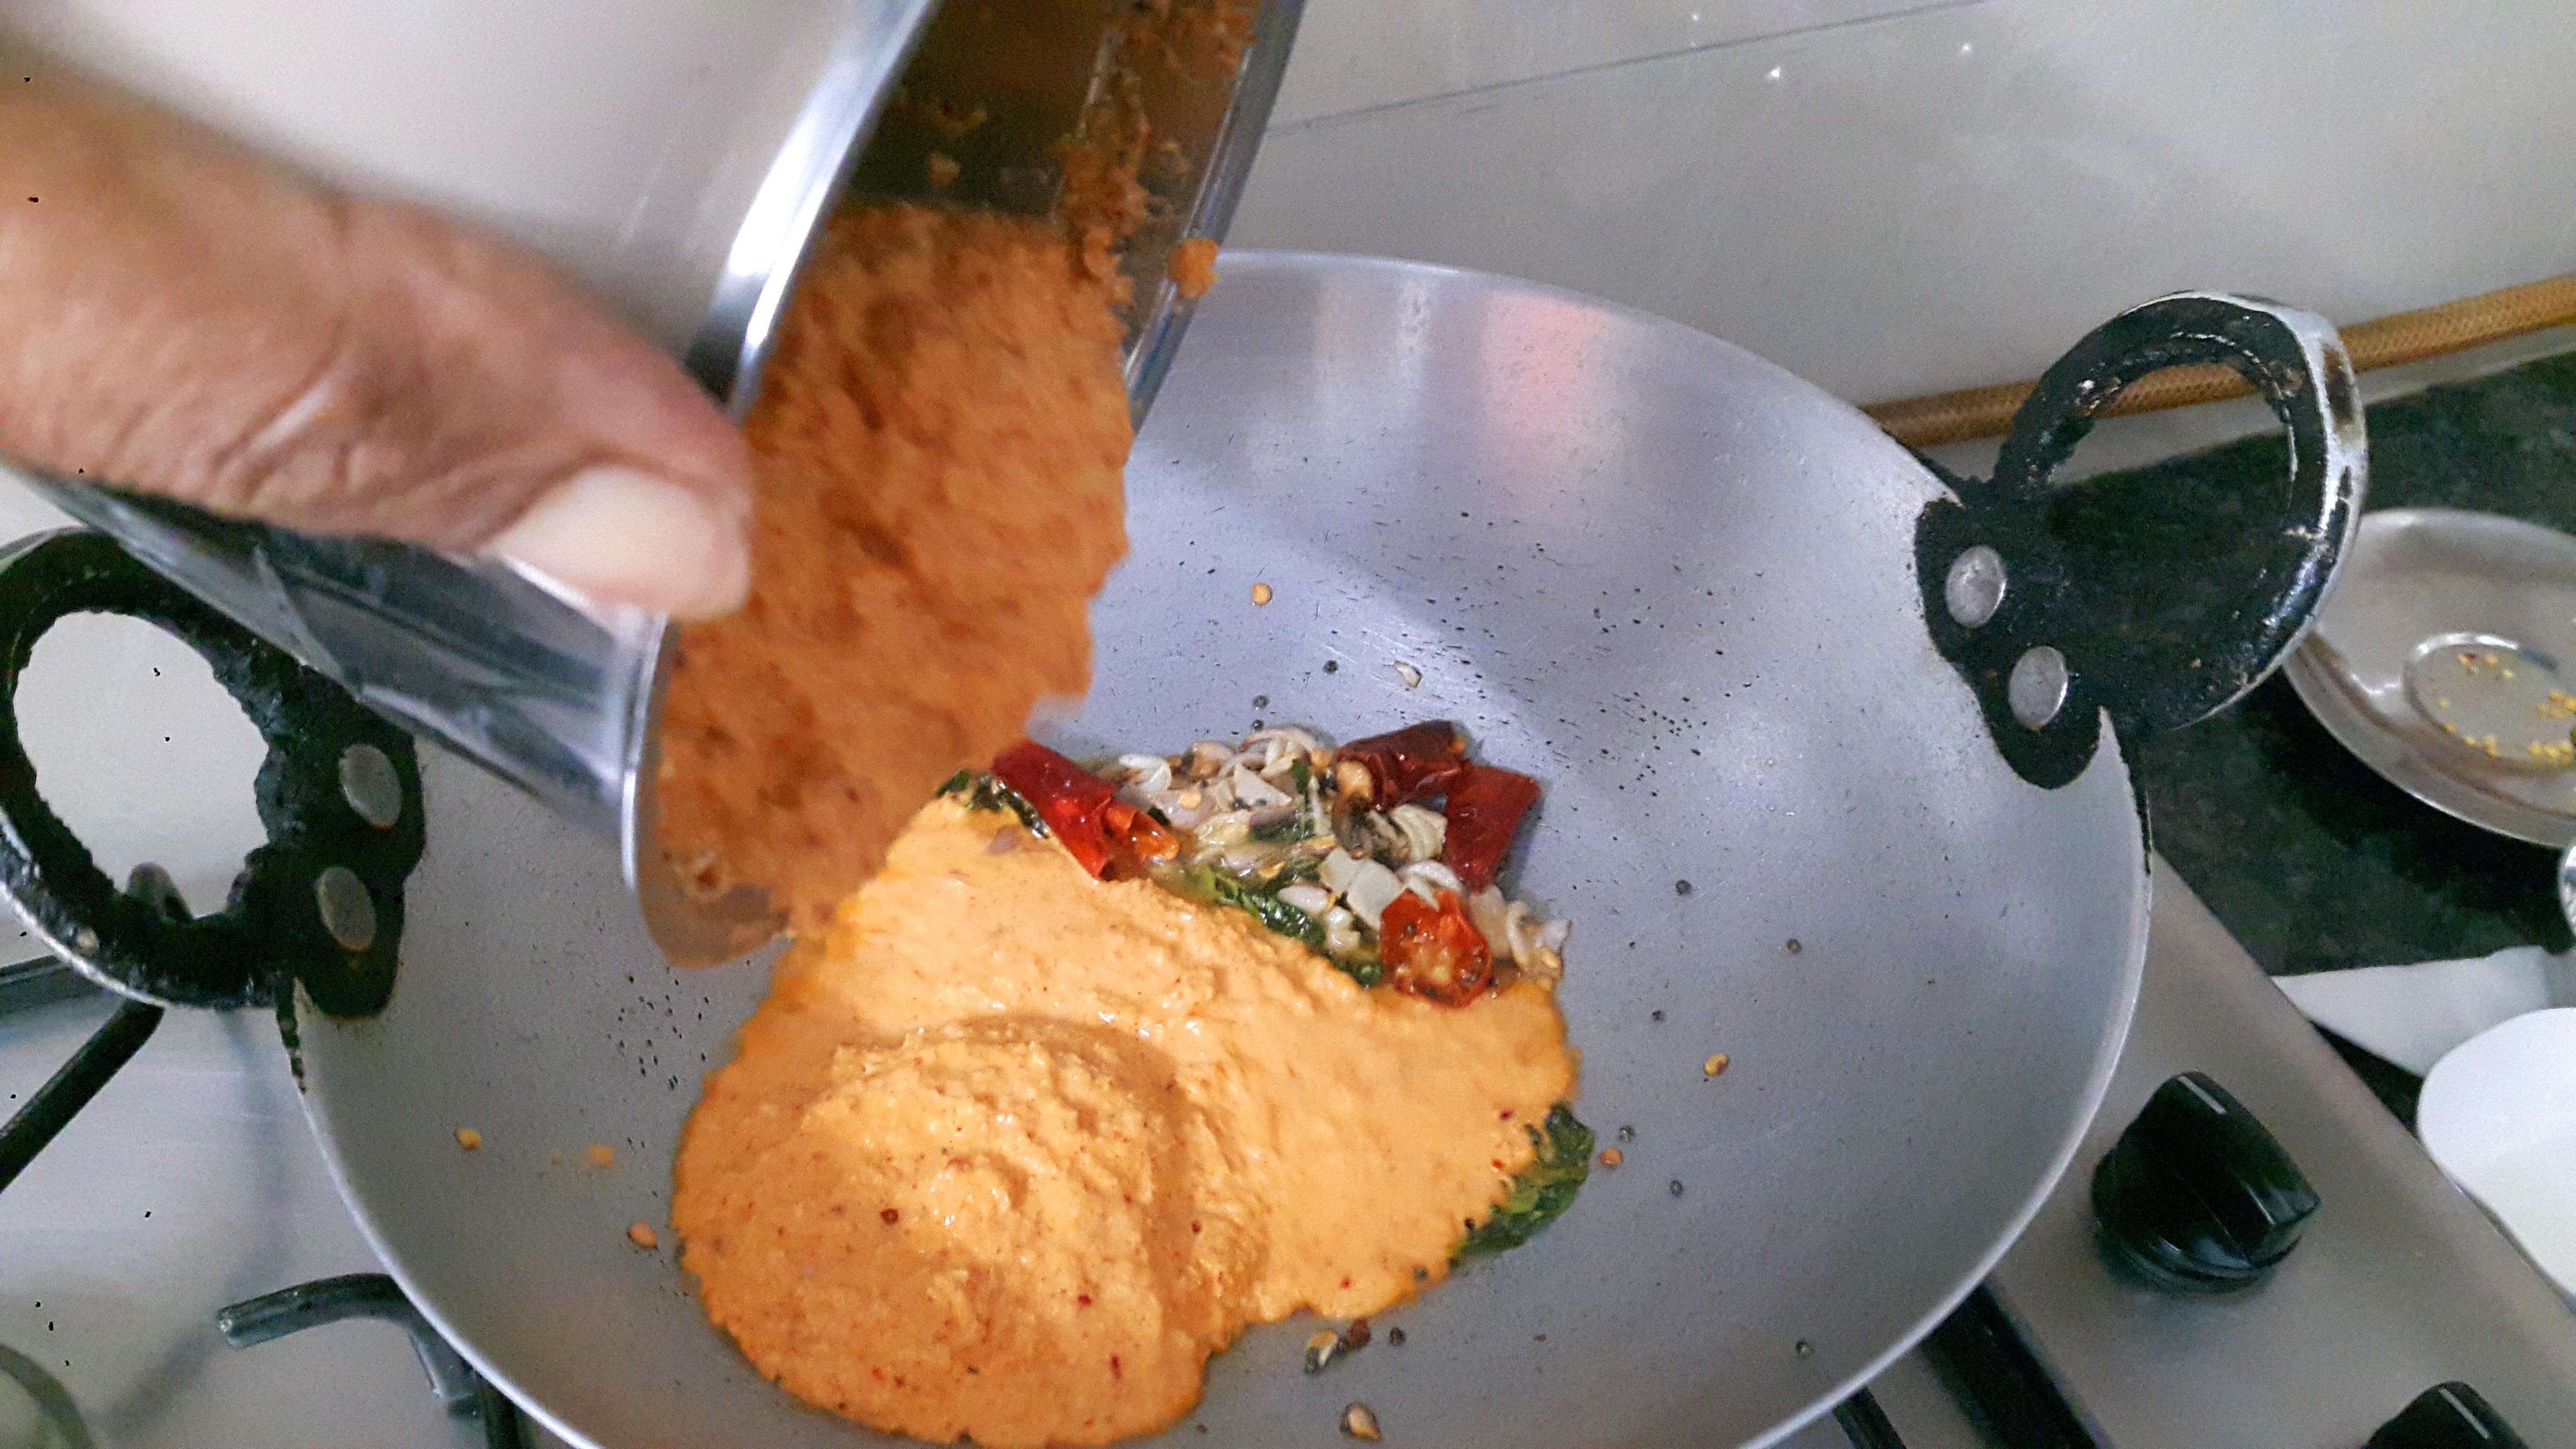 Pour ground coconut paste